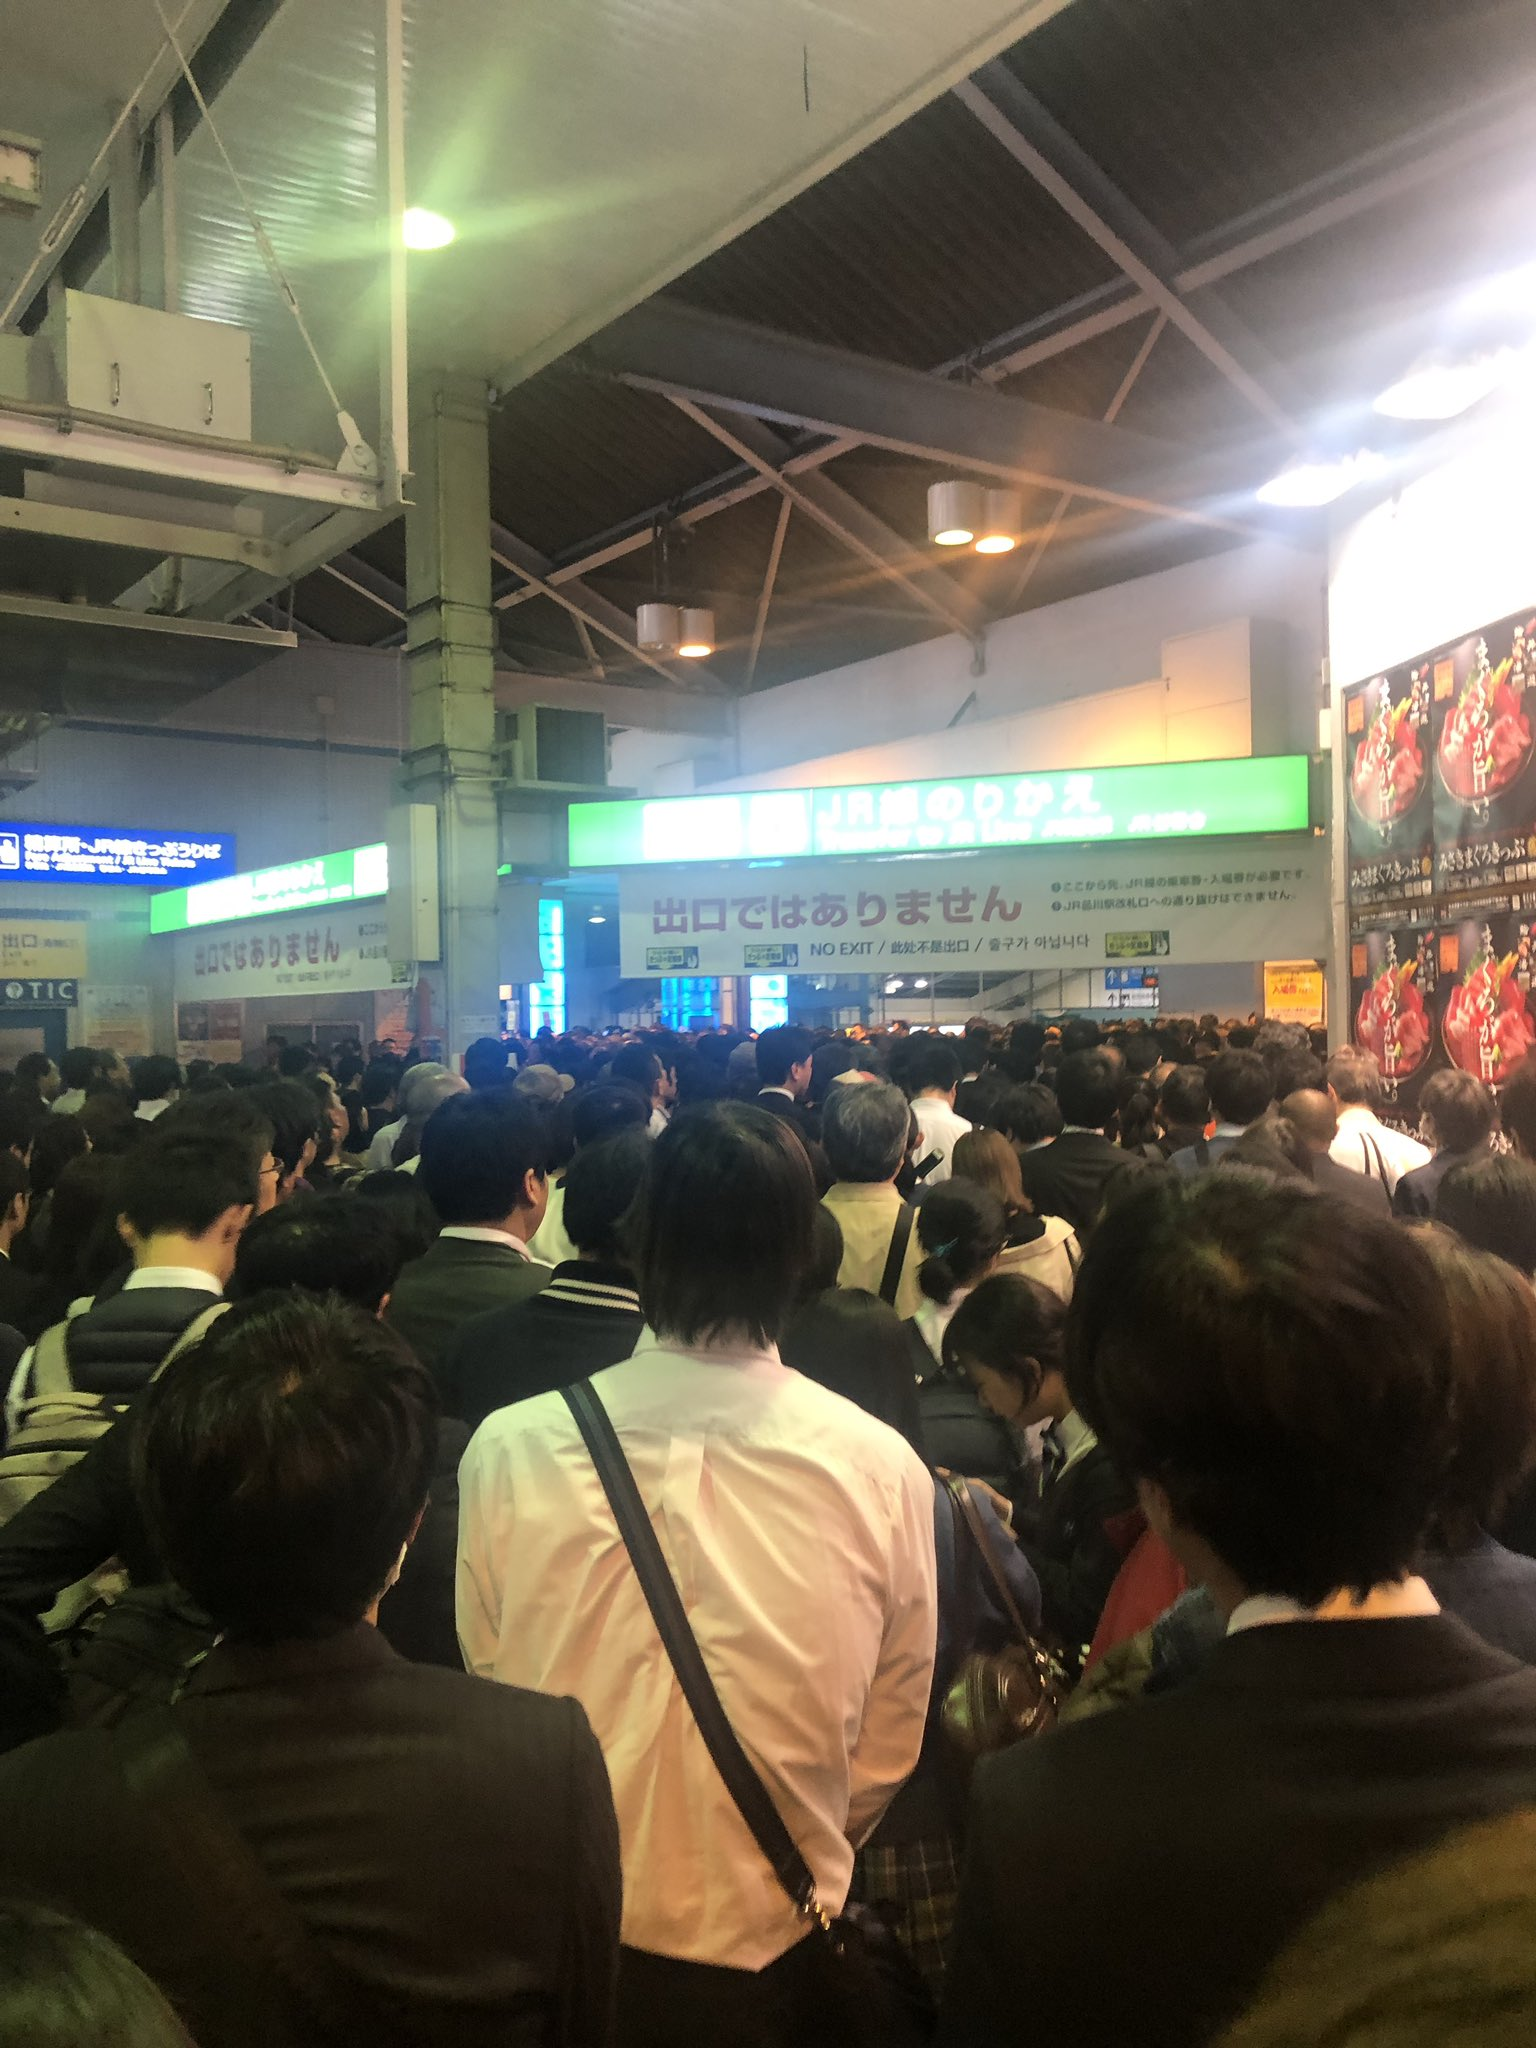 画像,東海道線の人身で東海道と京浜東北とまってるらしく、品川駅でJRへの連絡改札止められてる https://t.co/3qaXI33LYK…